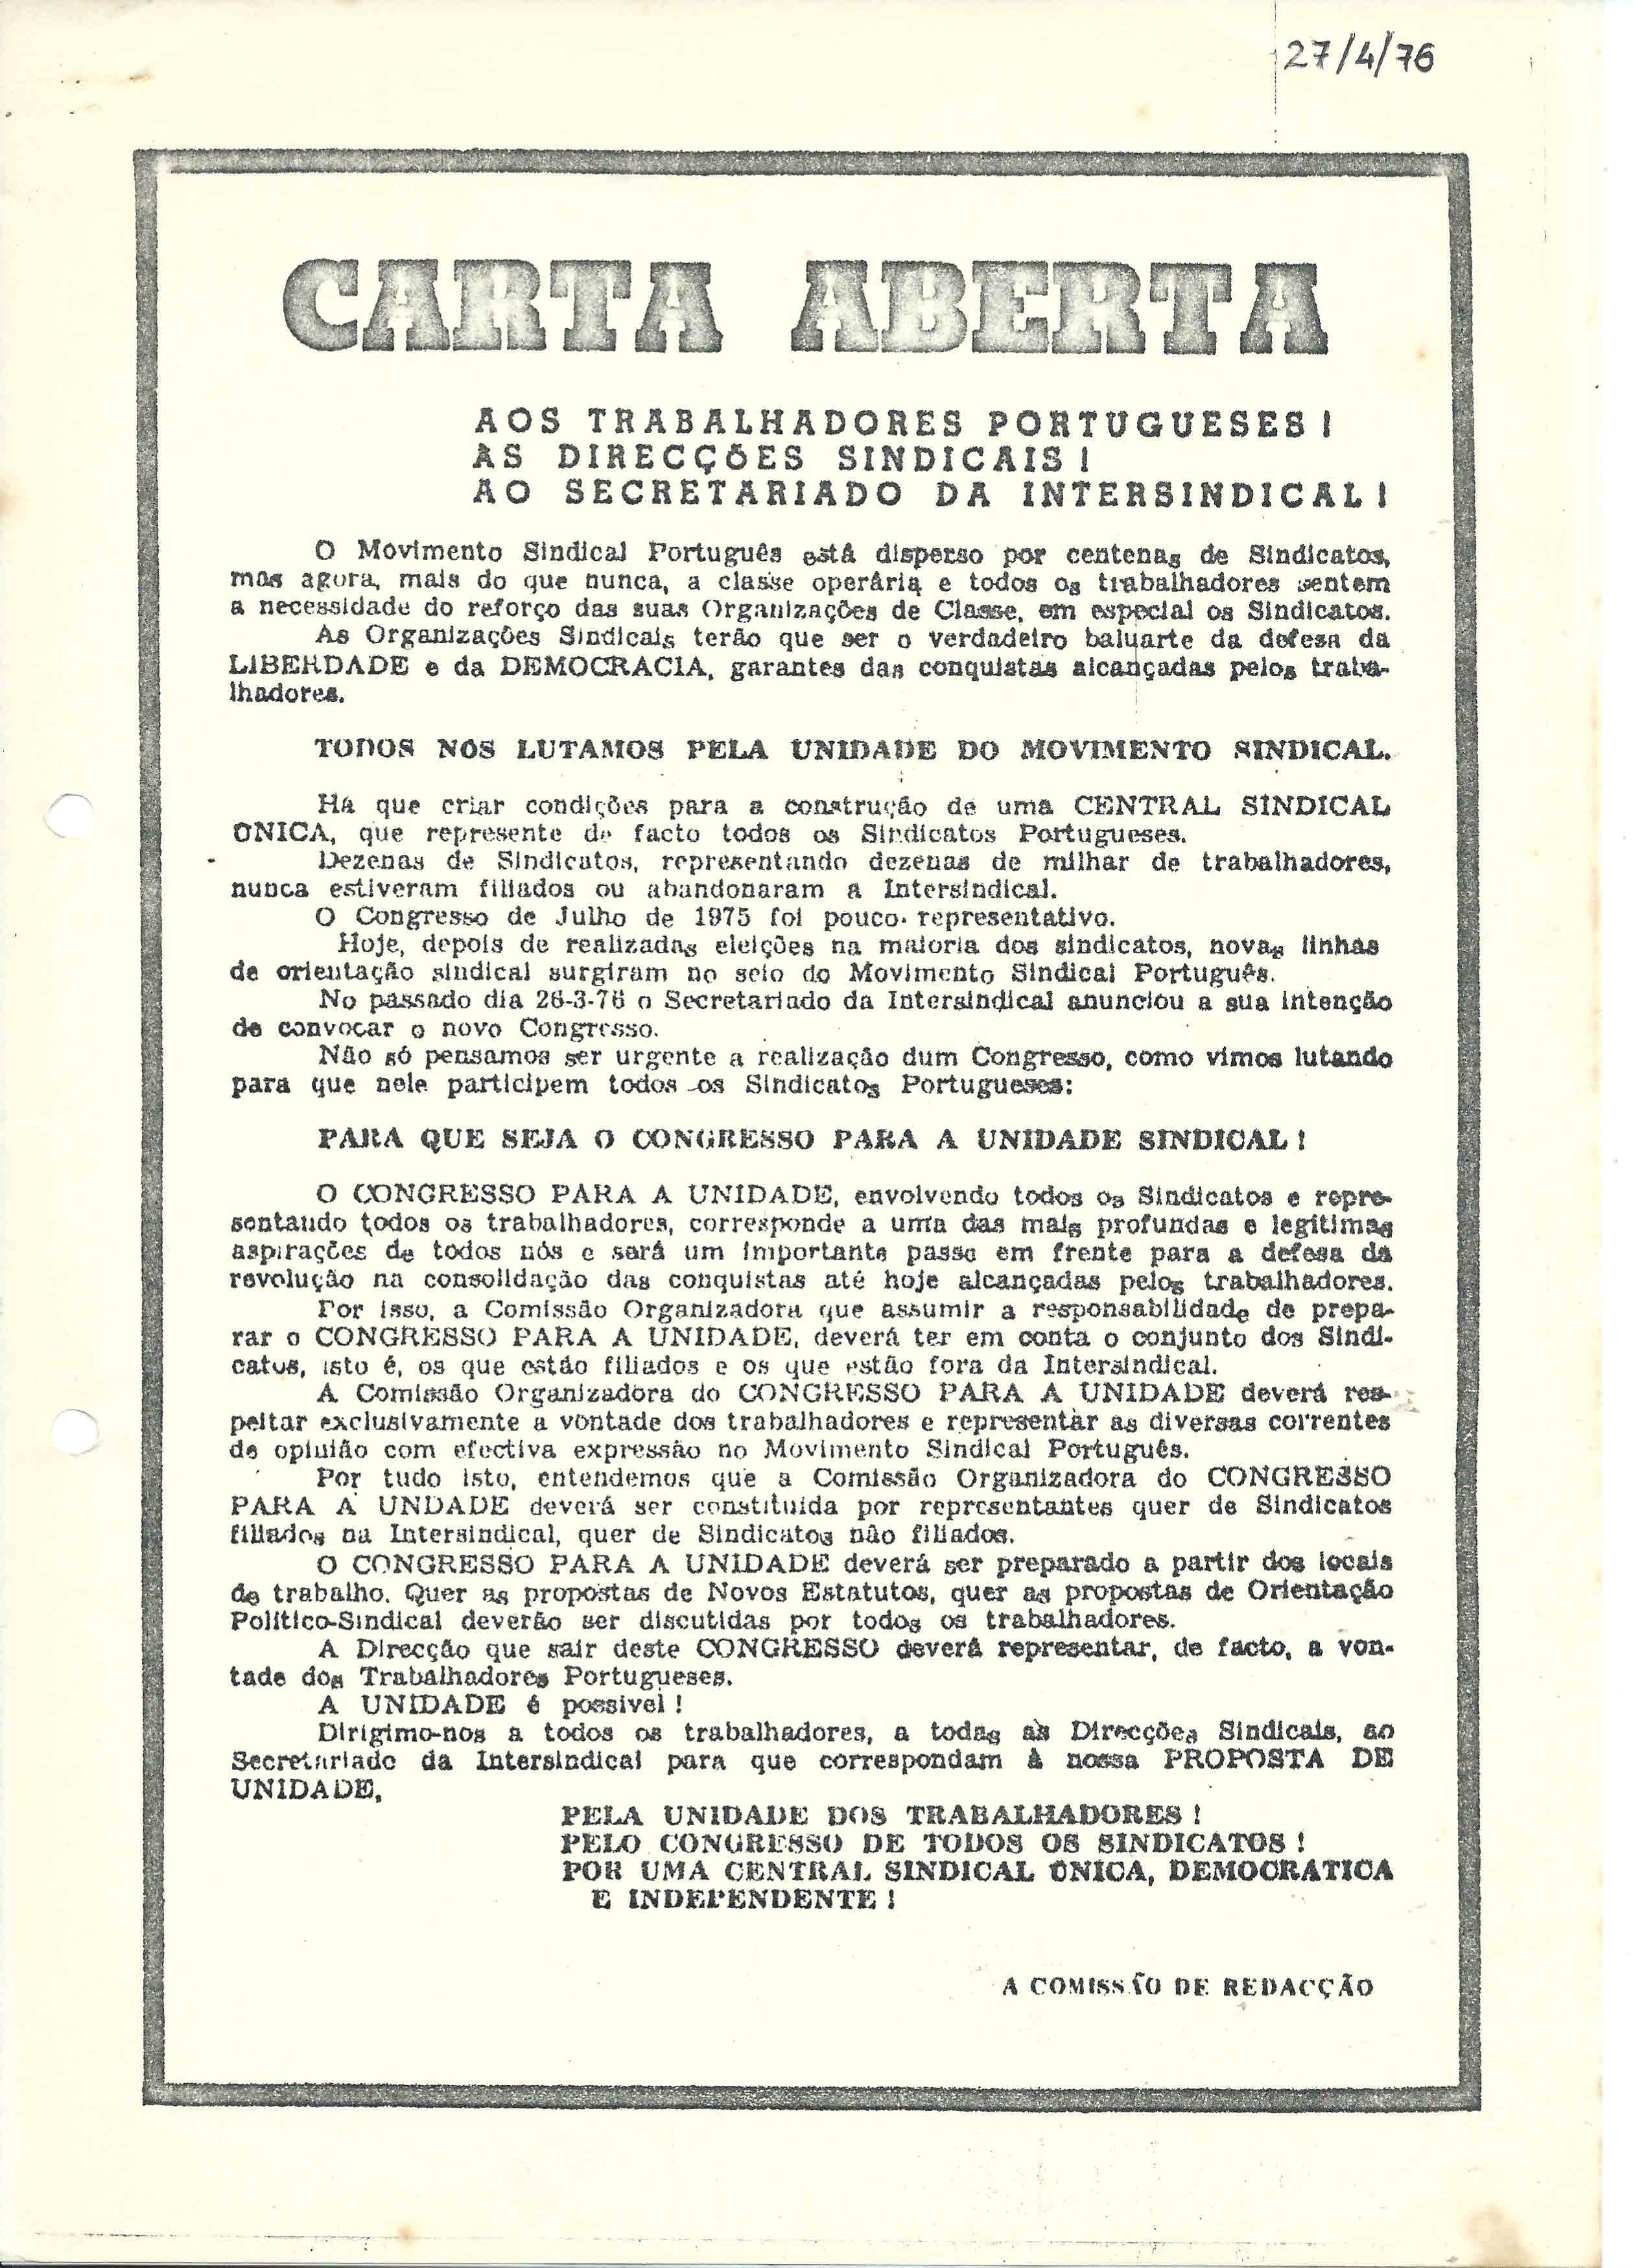 carta aberta 1976